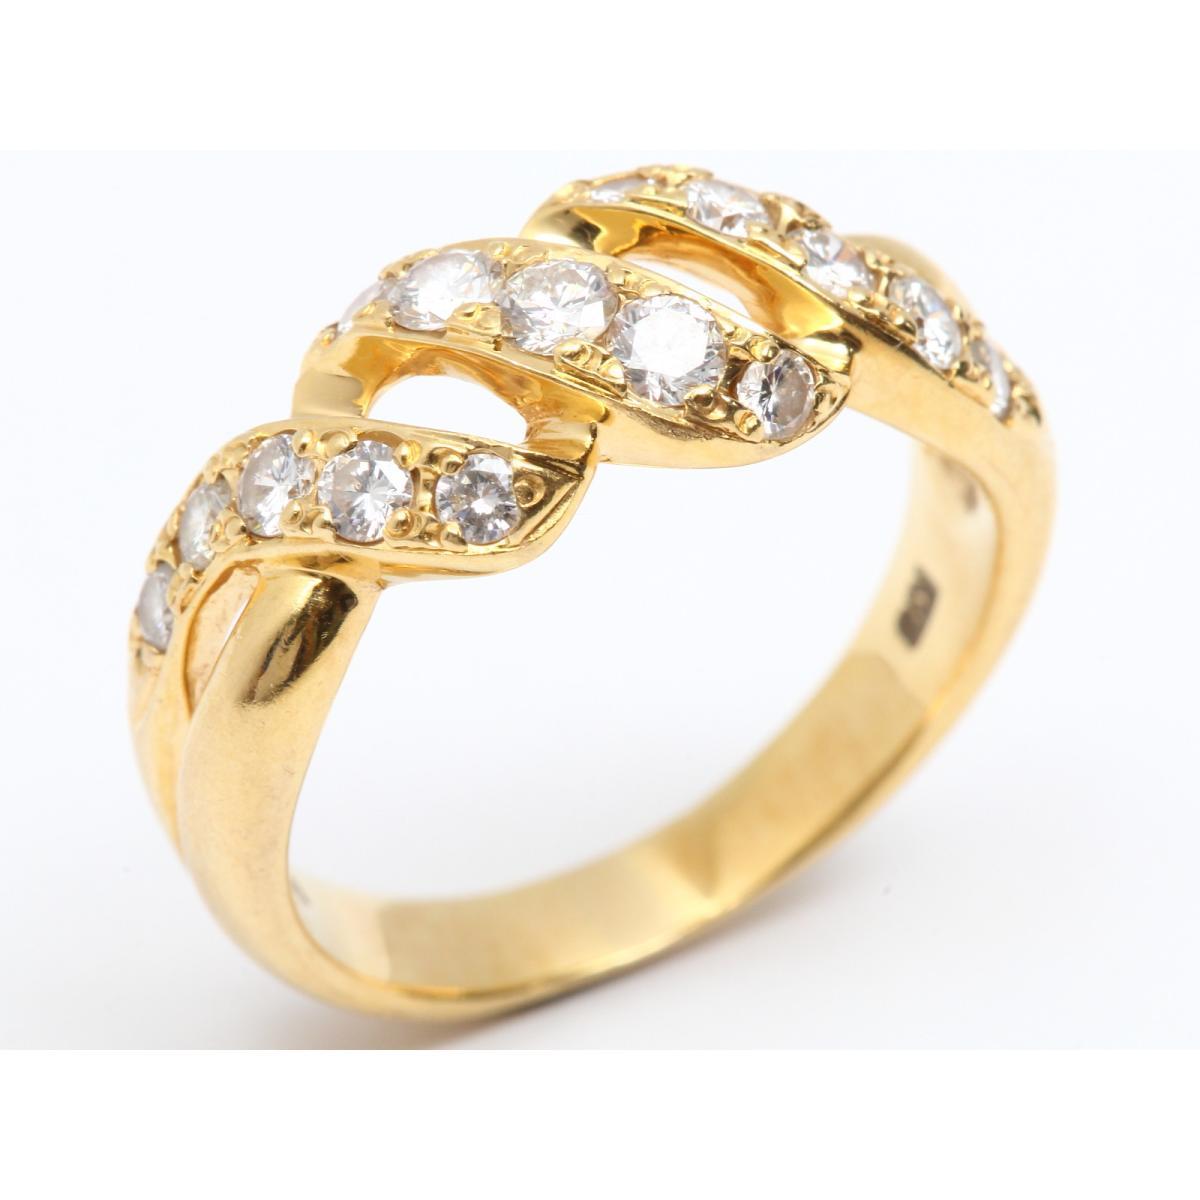 【中古】【送料無料】 ジュエリー ダイヤモンド リング 指輪 レディース K18YG (750) イエローゴールド x ダイヤモンド (0.59ct)   JEWELRY リング K18 18K 18金 美品 ブランドオフ BRANDOFF